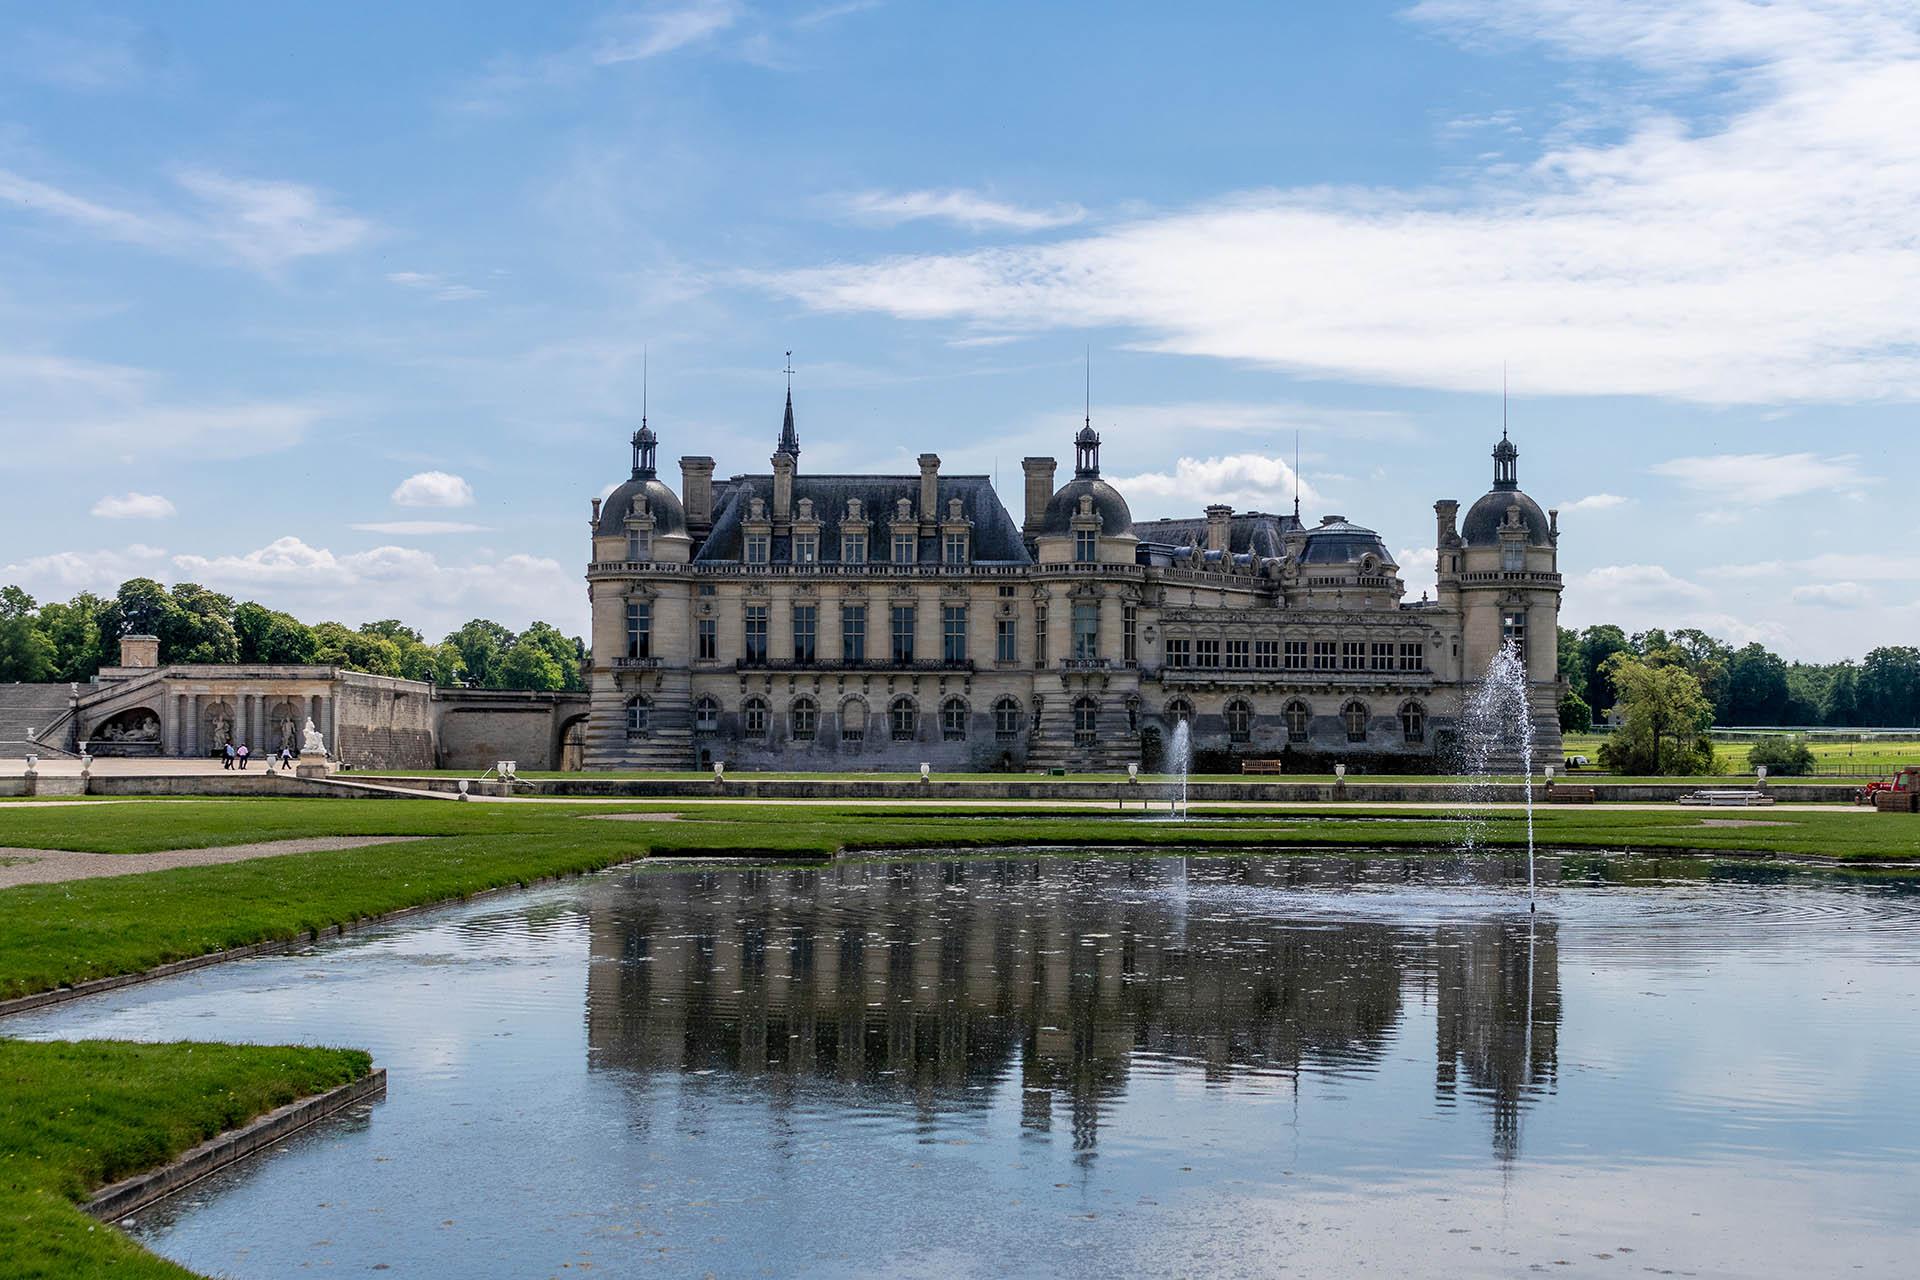 Het kasteel van Chantilly vanuit de Franse tuinen met fonteinen op de voorgrond en weerspiegeling in het water.